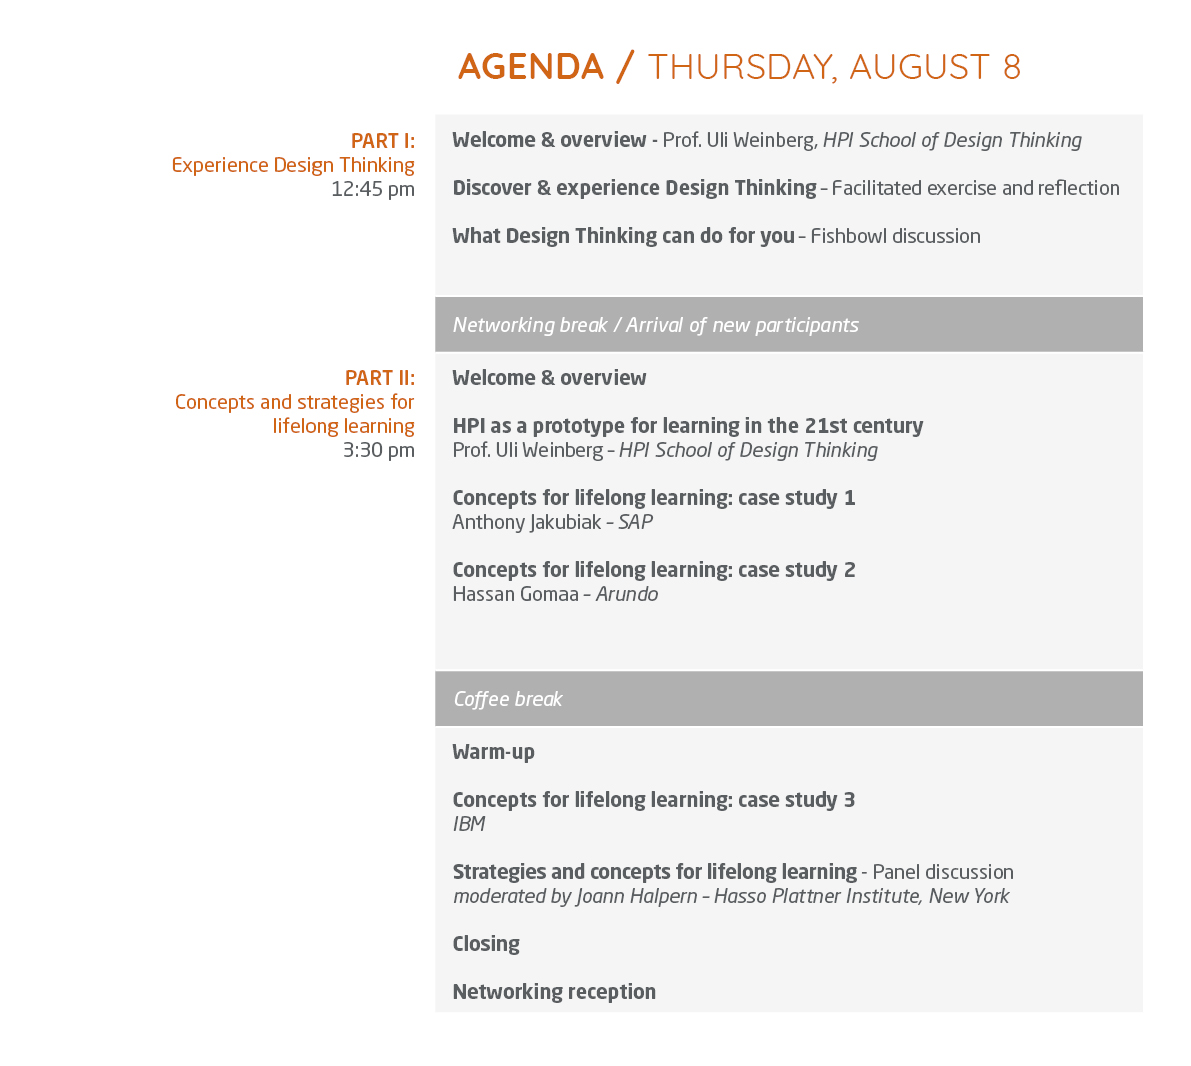 Agenda Thursday